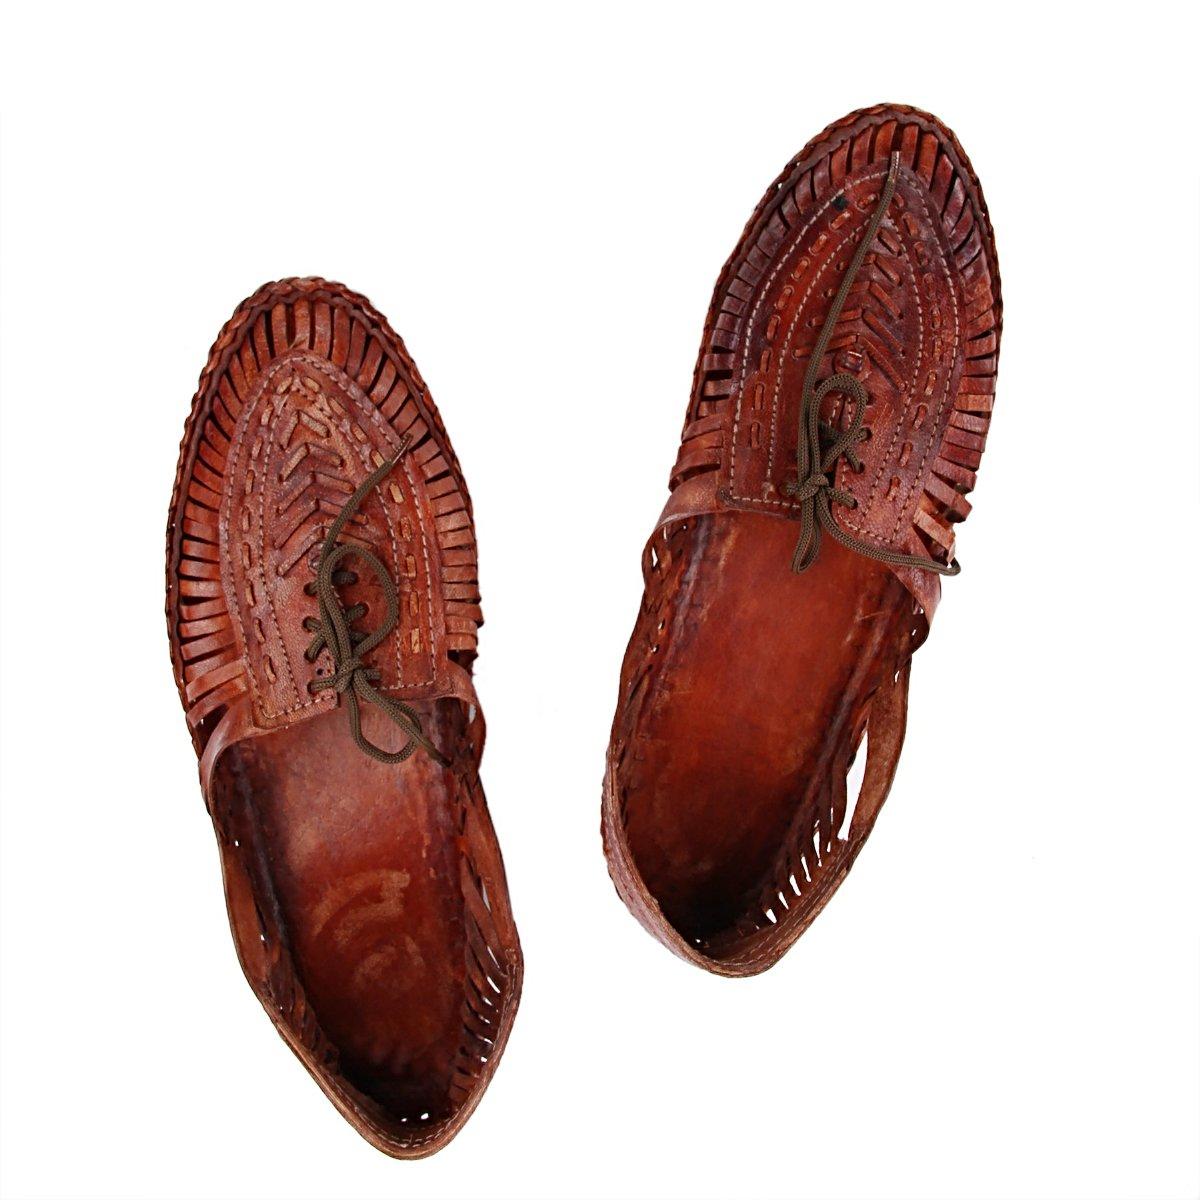 22313435bd7 Original kolhapuri chappal Astonishing Red Brown Designers  Kolhapuri Shoe  for Men Slipper Sandal